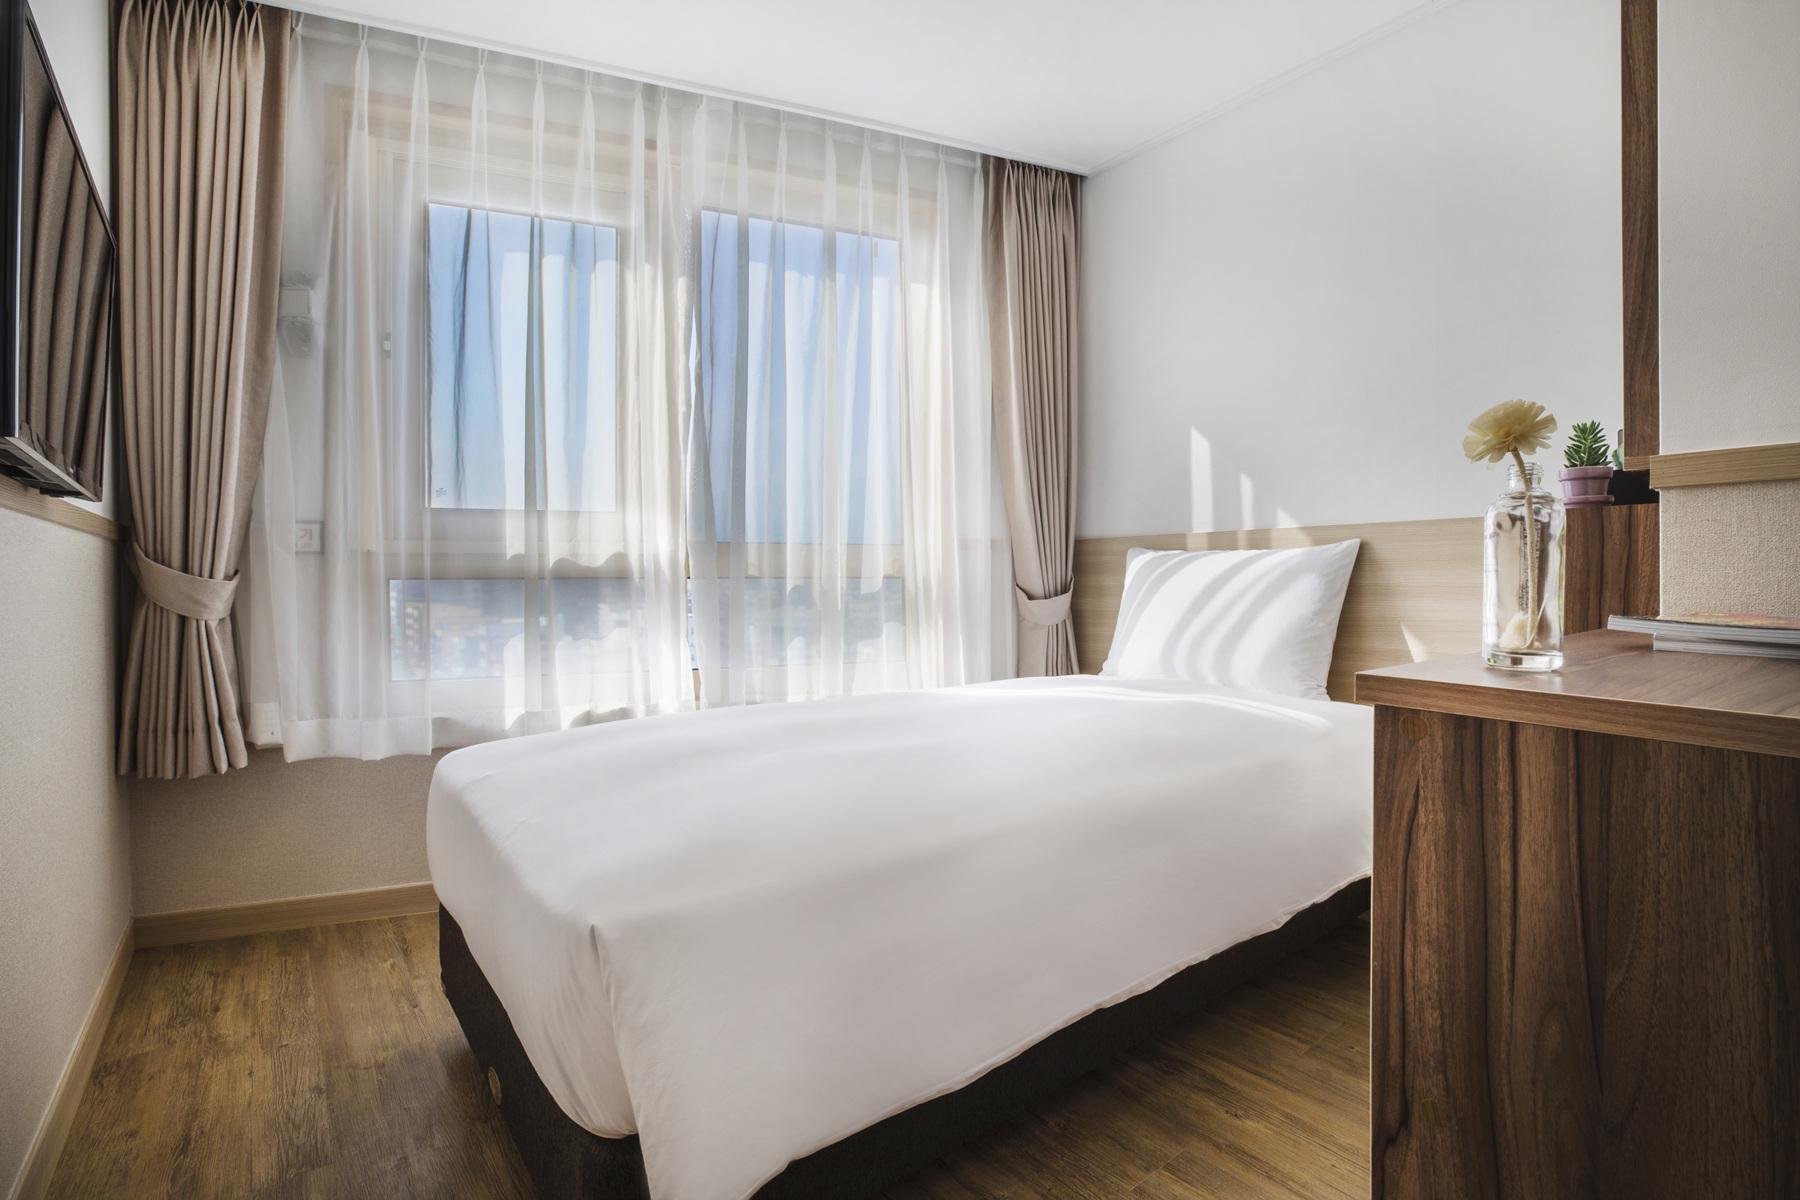 서귀포 케니스토리 인 호텔 이미지1